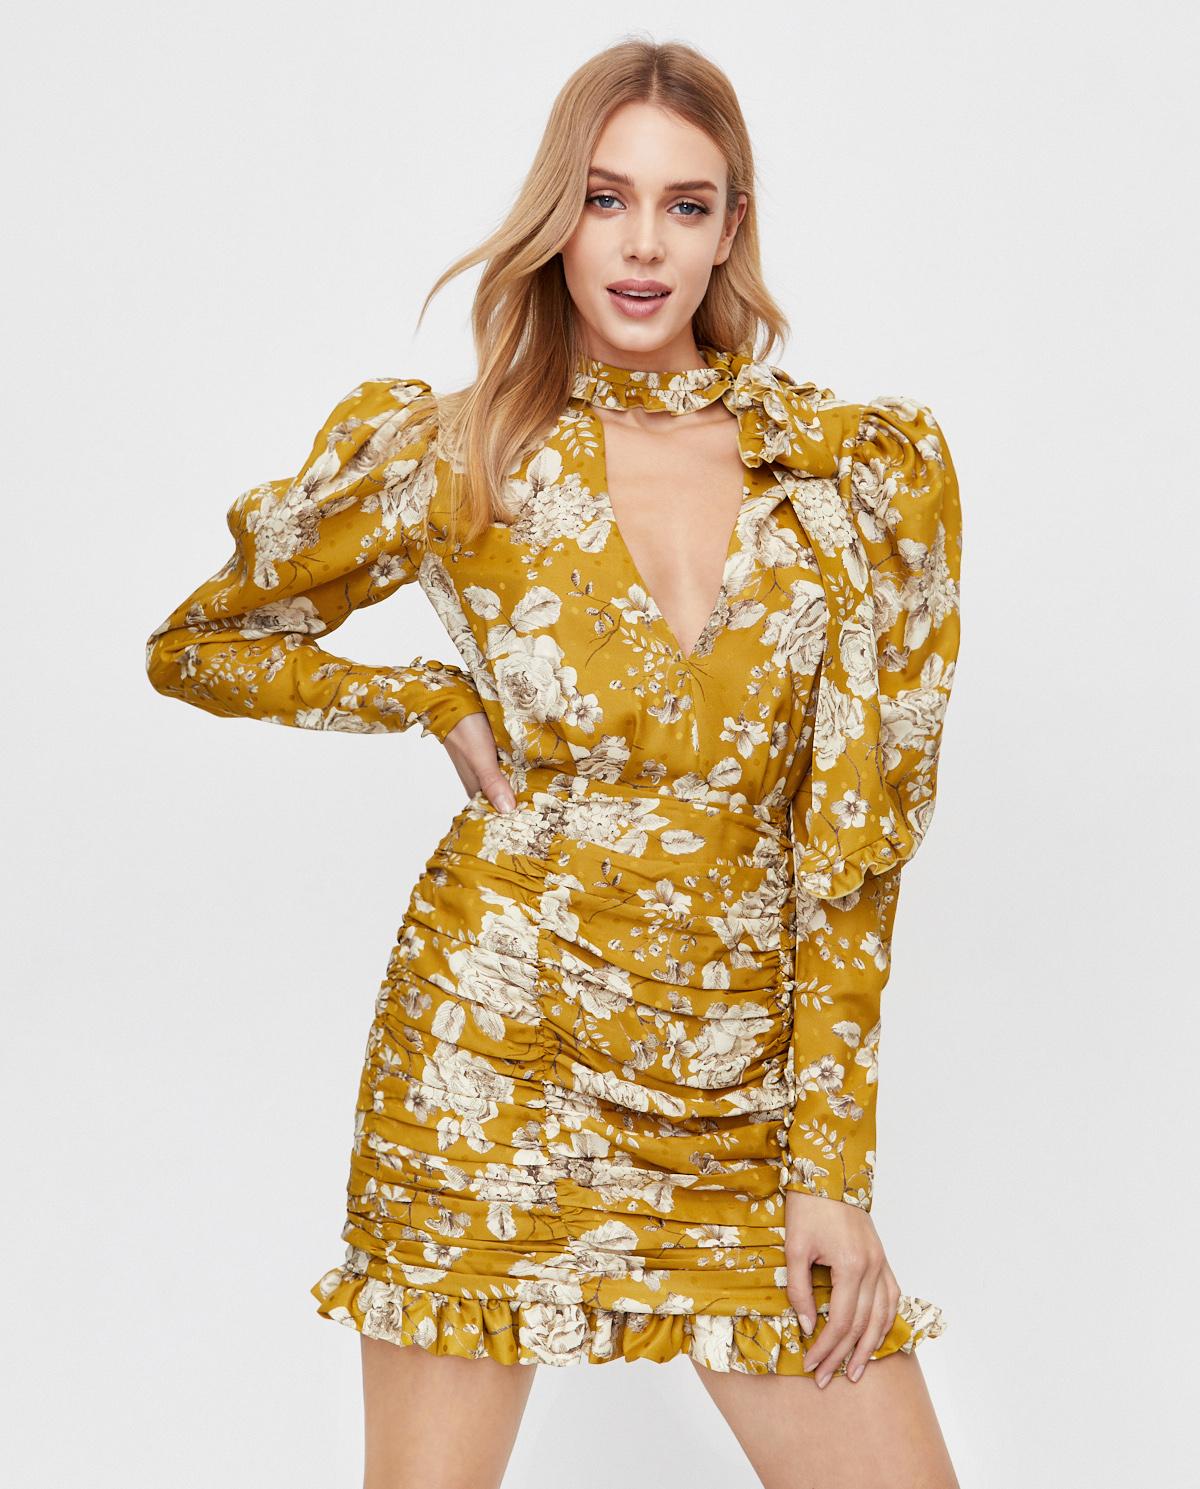 żółta sukienka w kwiaty Marianna Senchina MS/FW2021-316D OLIVE